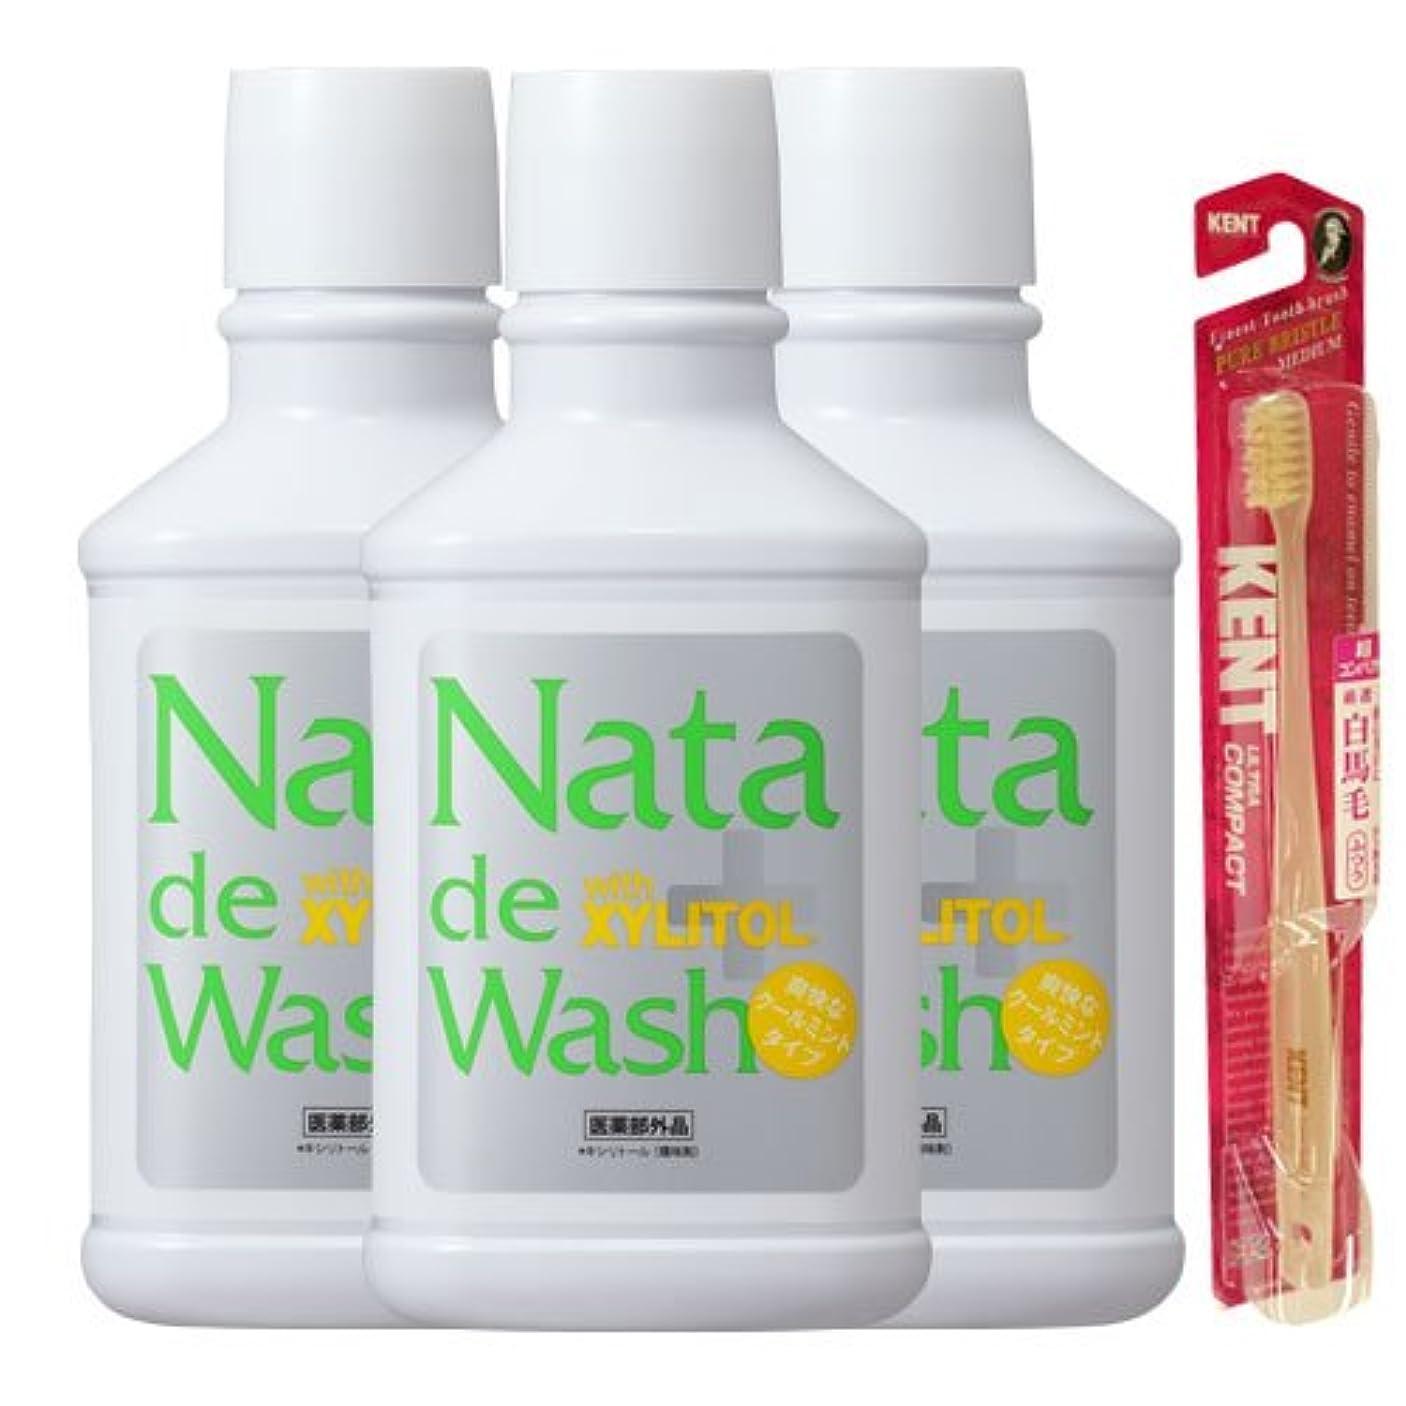 それぞれ規範プロポーショナル薬用ナタデウォッシュ 爽快なクールミントタイプ 500ml 3本& KENT歯ブラシ1本プレゼント